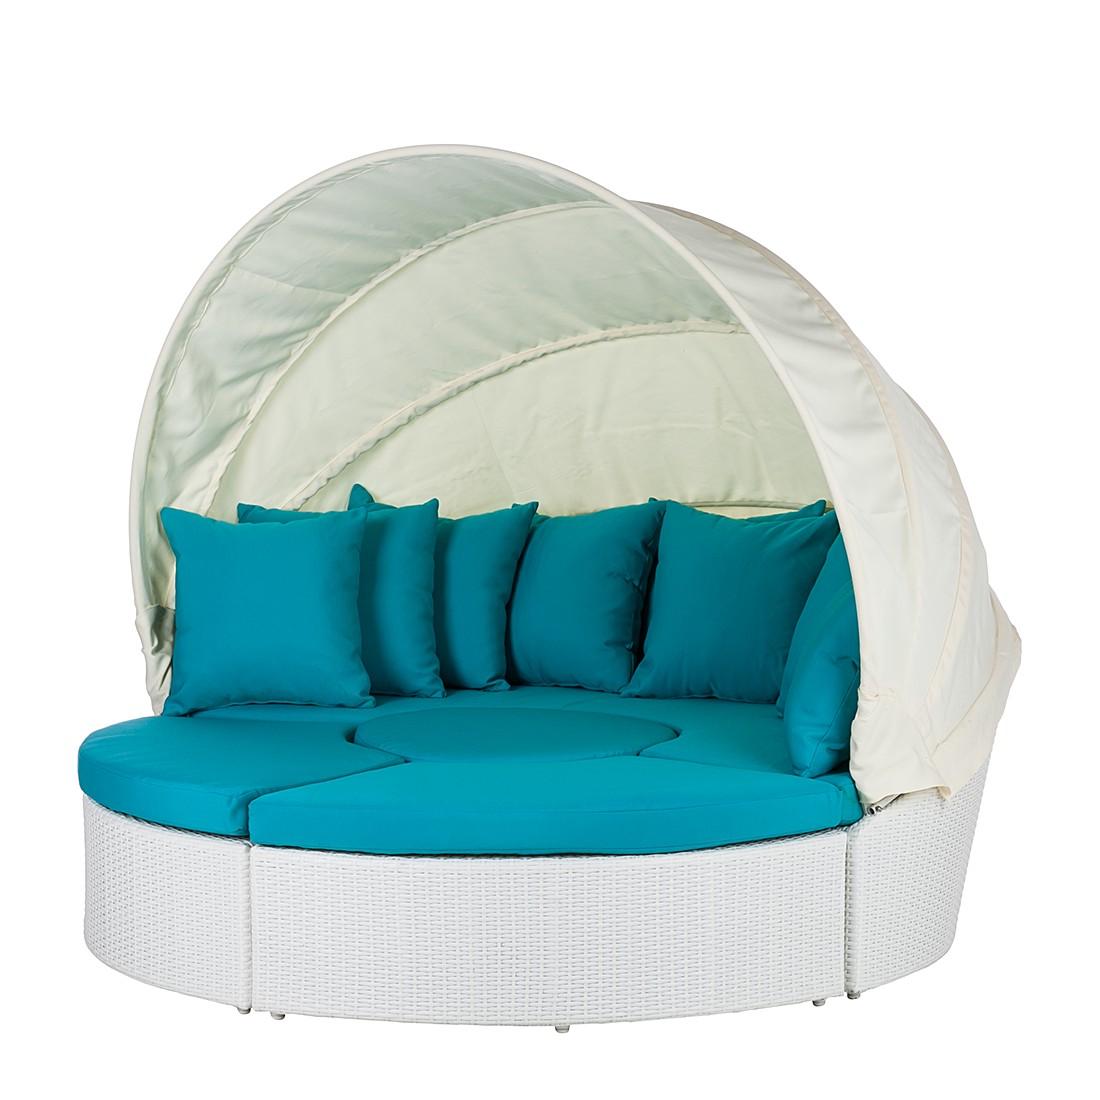 Sonneninsel White Comfort (4-teilig) - Polyrattan/Textil - Weiß/Türkis, Eden Company